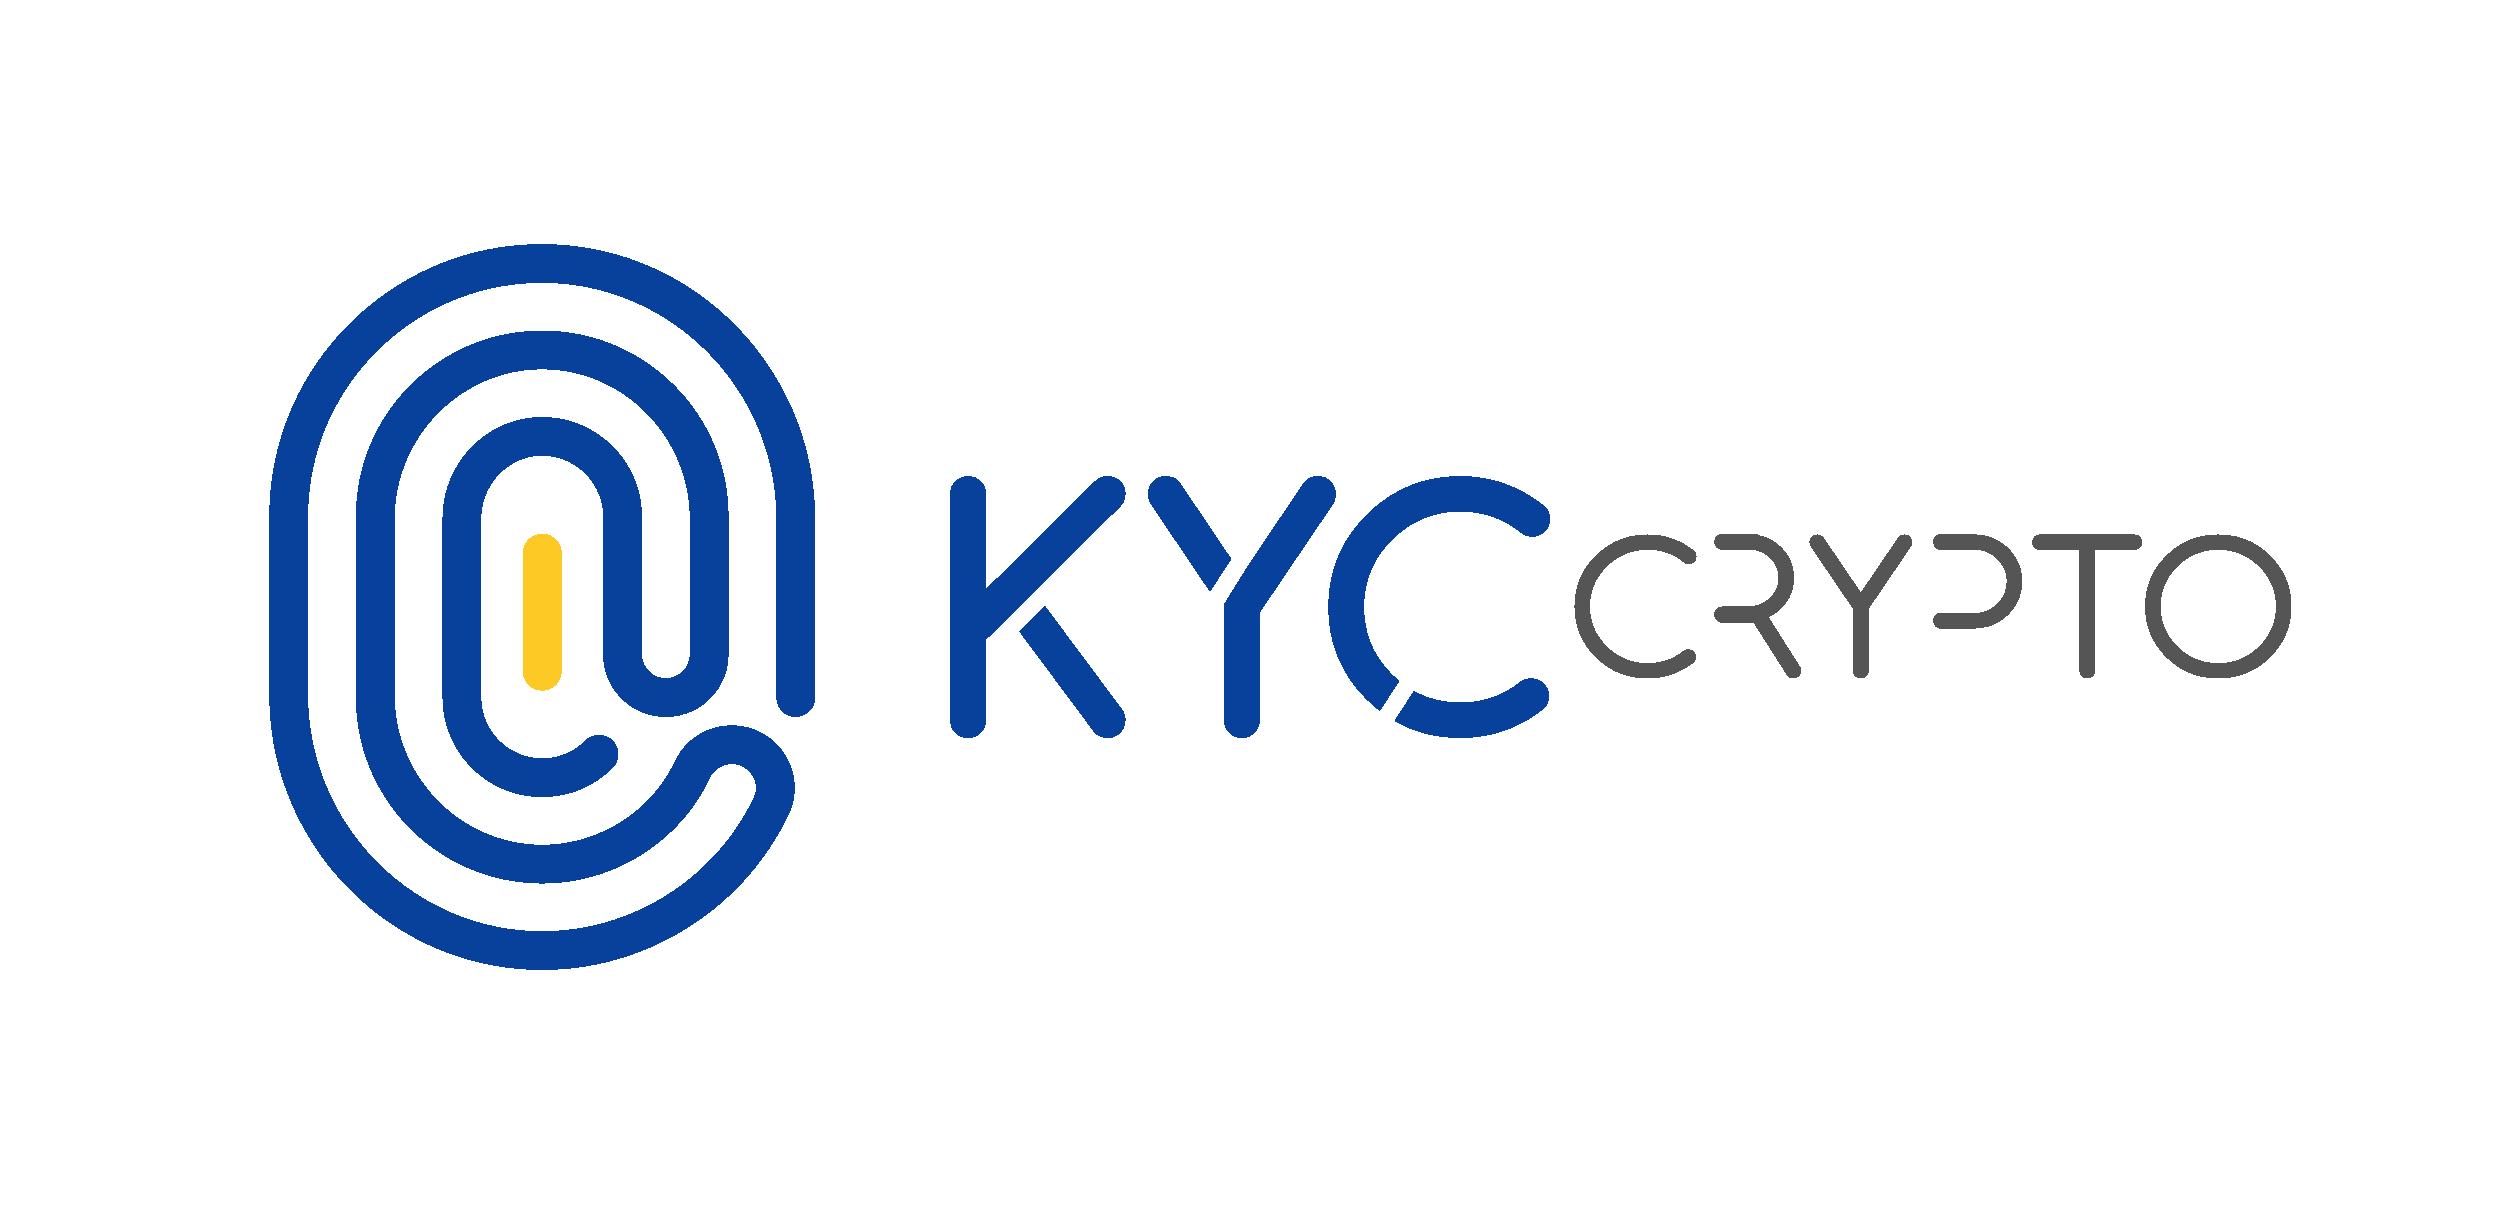 bitcoin kyc